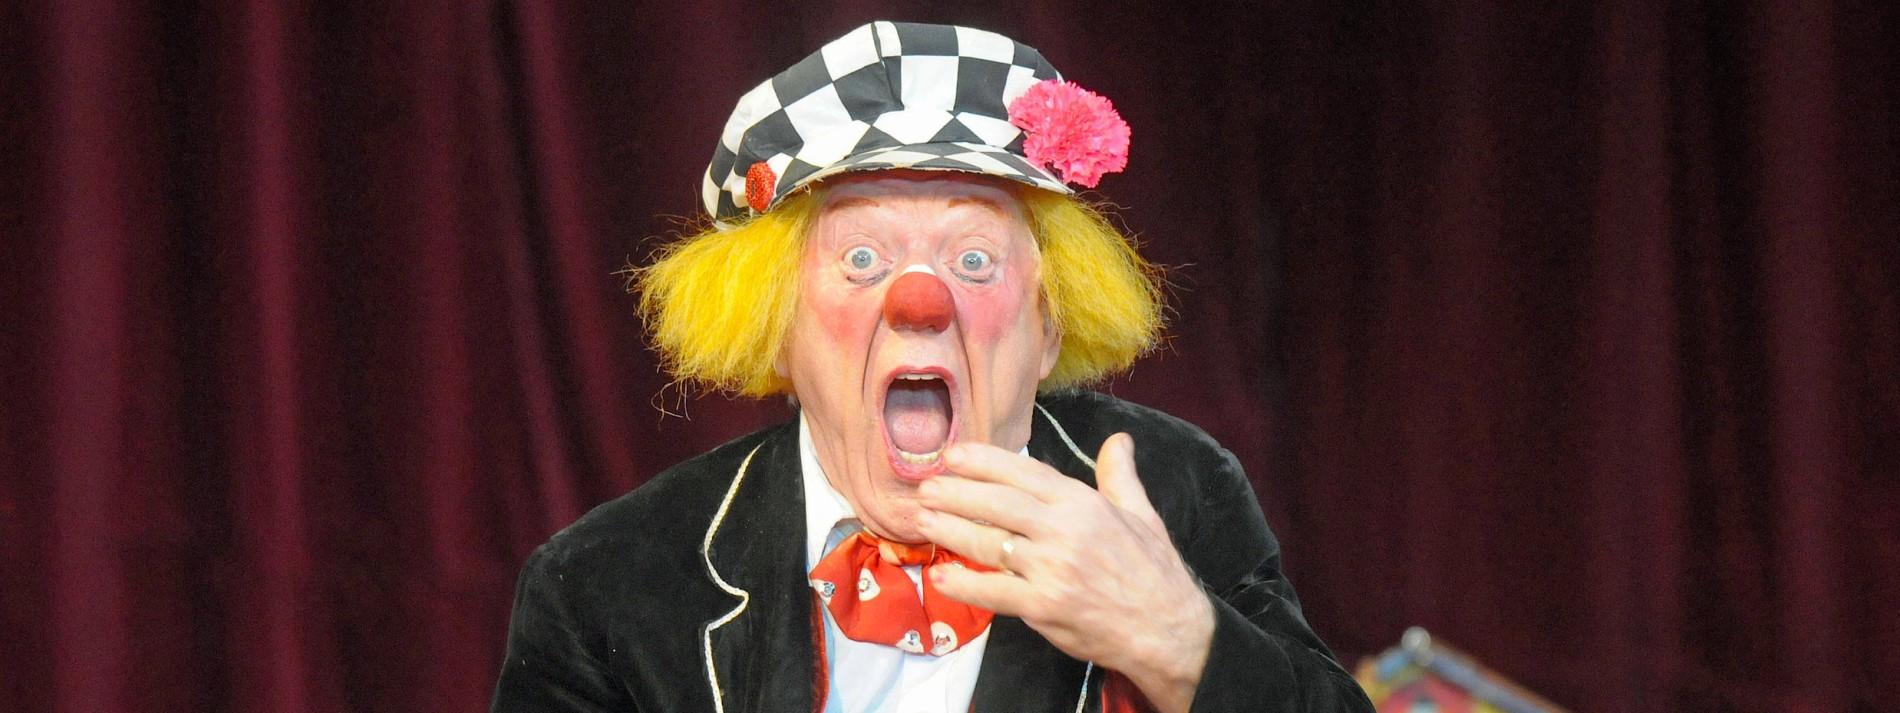 Warum wir Clowns lieben und fürchten